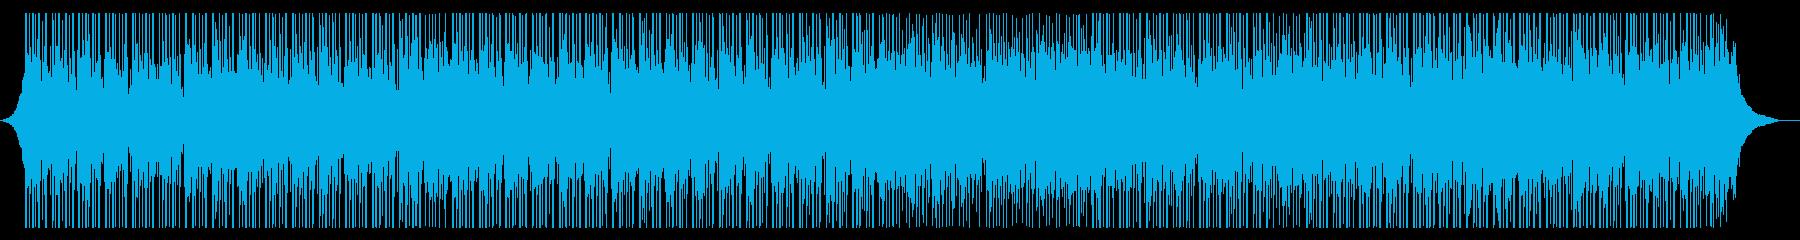 刺激的なインタビューの再生済みの波形